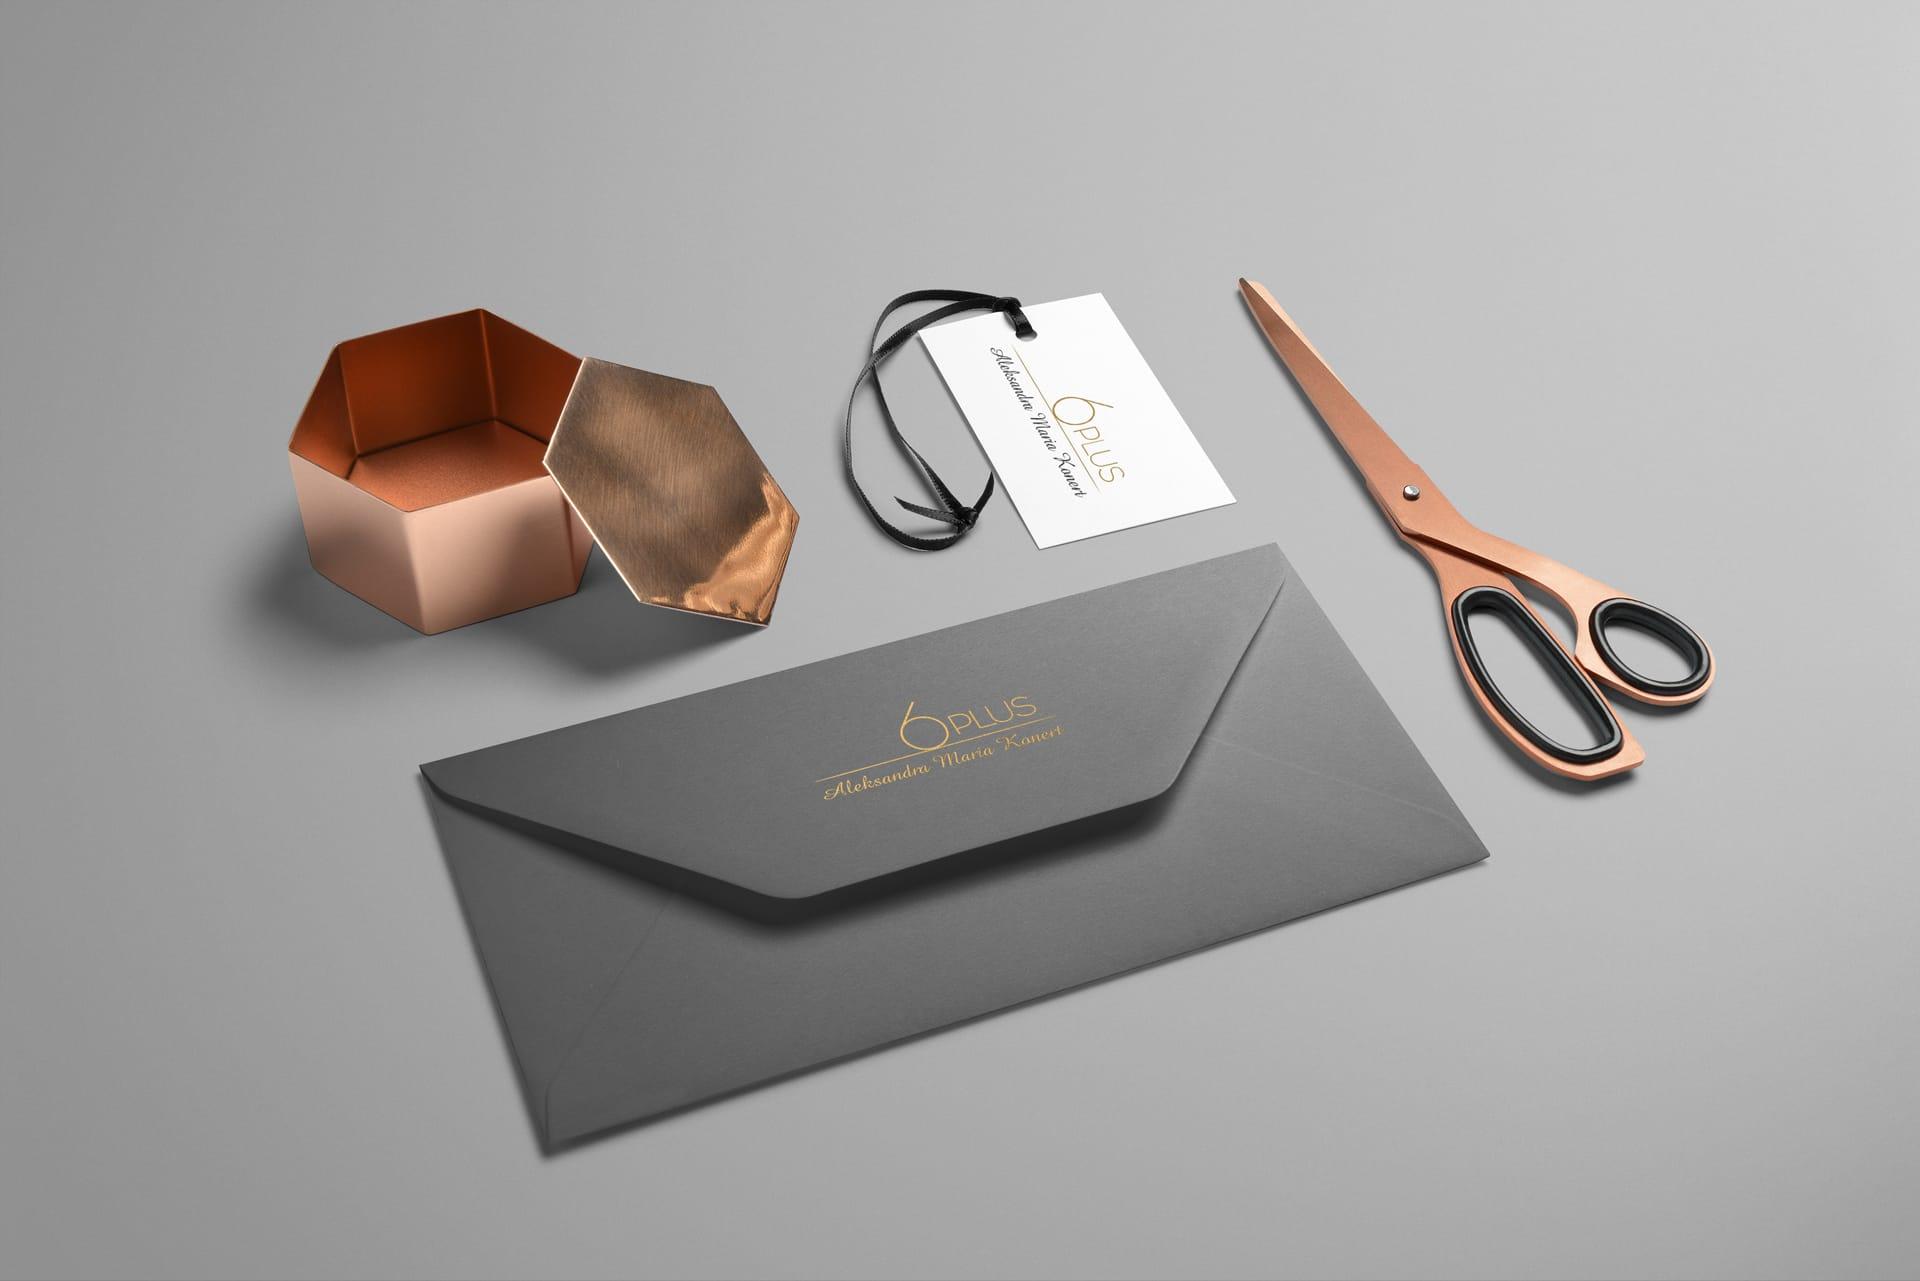 6plus logo firmowe projektowanie Agencja brandingowa Moweli Creative